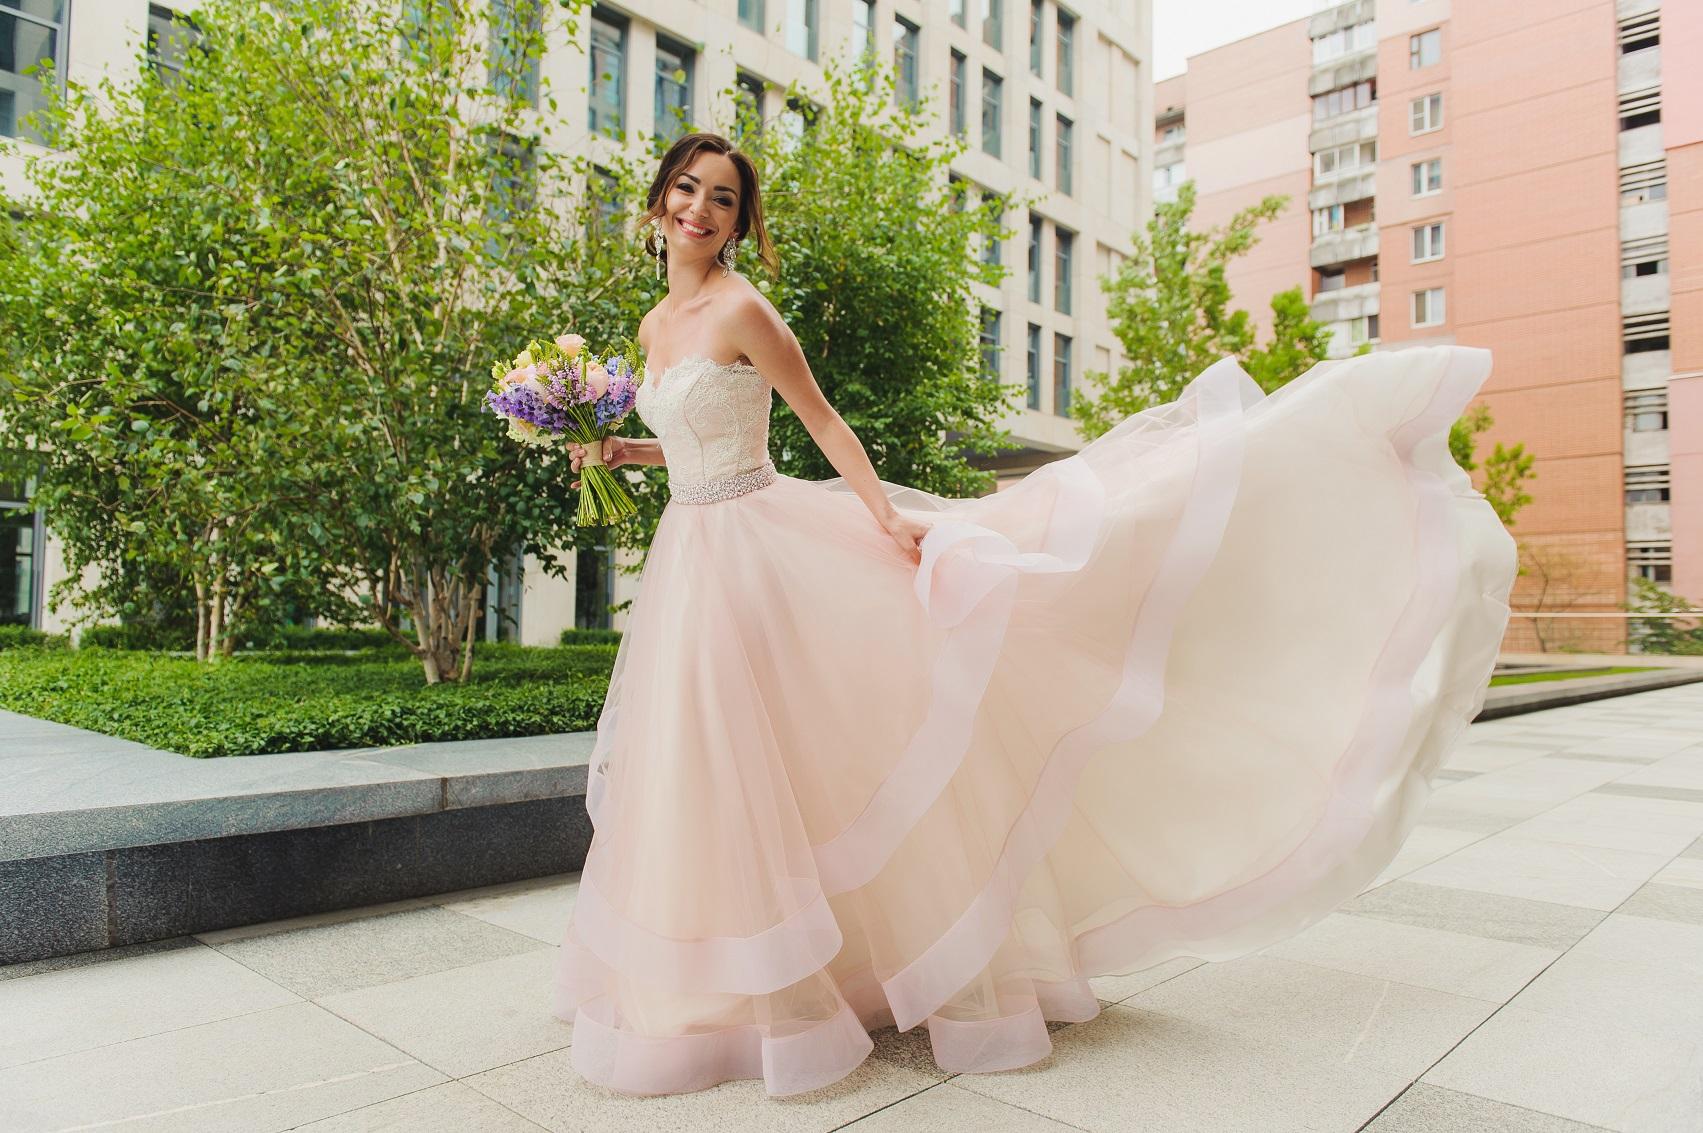 792ac94d34475 ふんわりしたシルエットのドレスは、お姫様っぽい雰囲気を漂わせます。パステルカラーは膨張色でもあるので、ラインが気になる方は濃い目のピンクを選ぶようにしま  ...